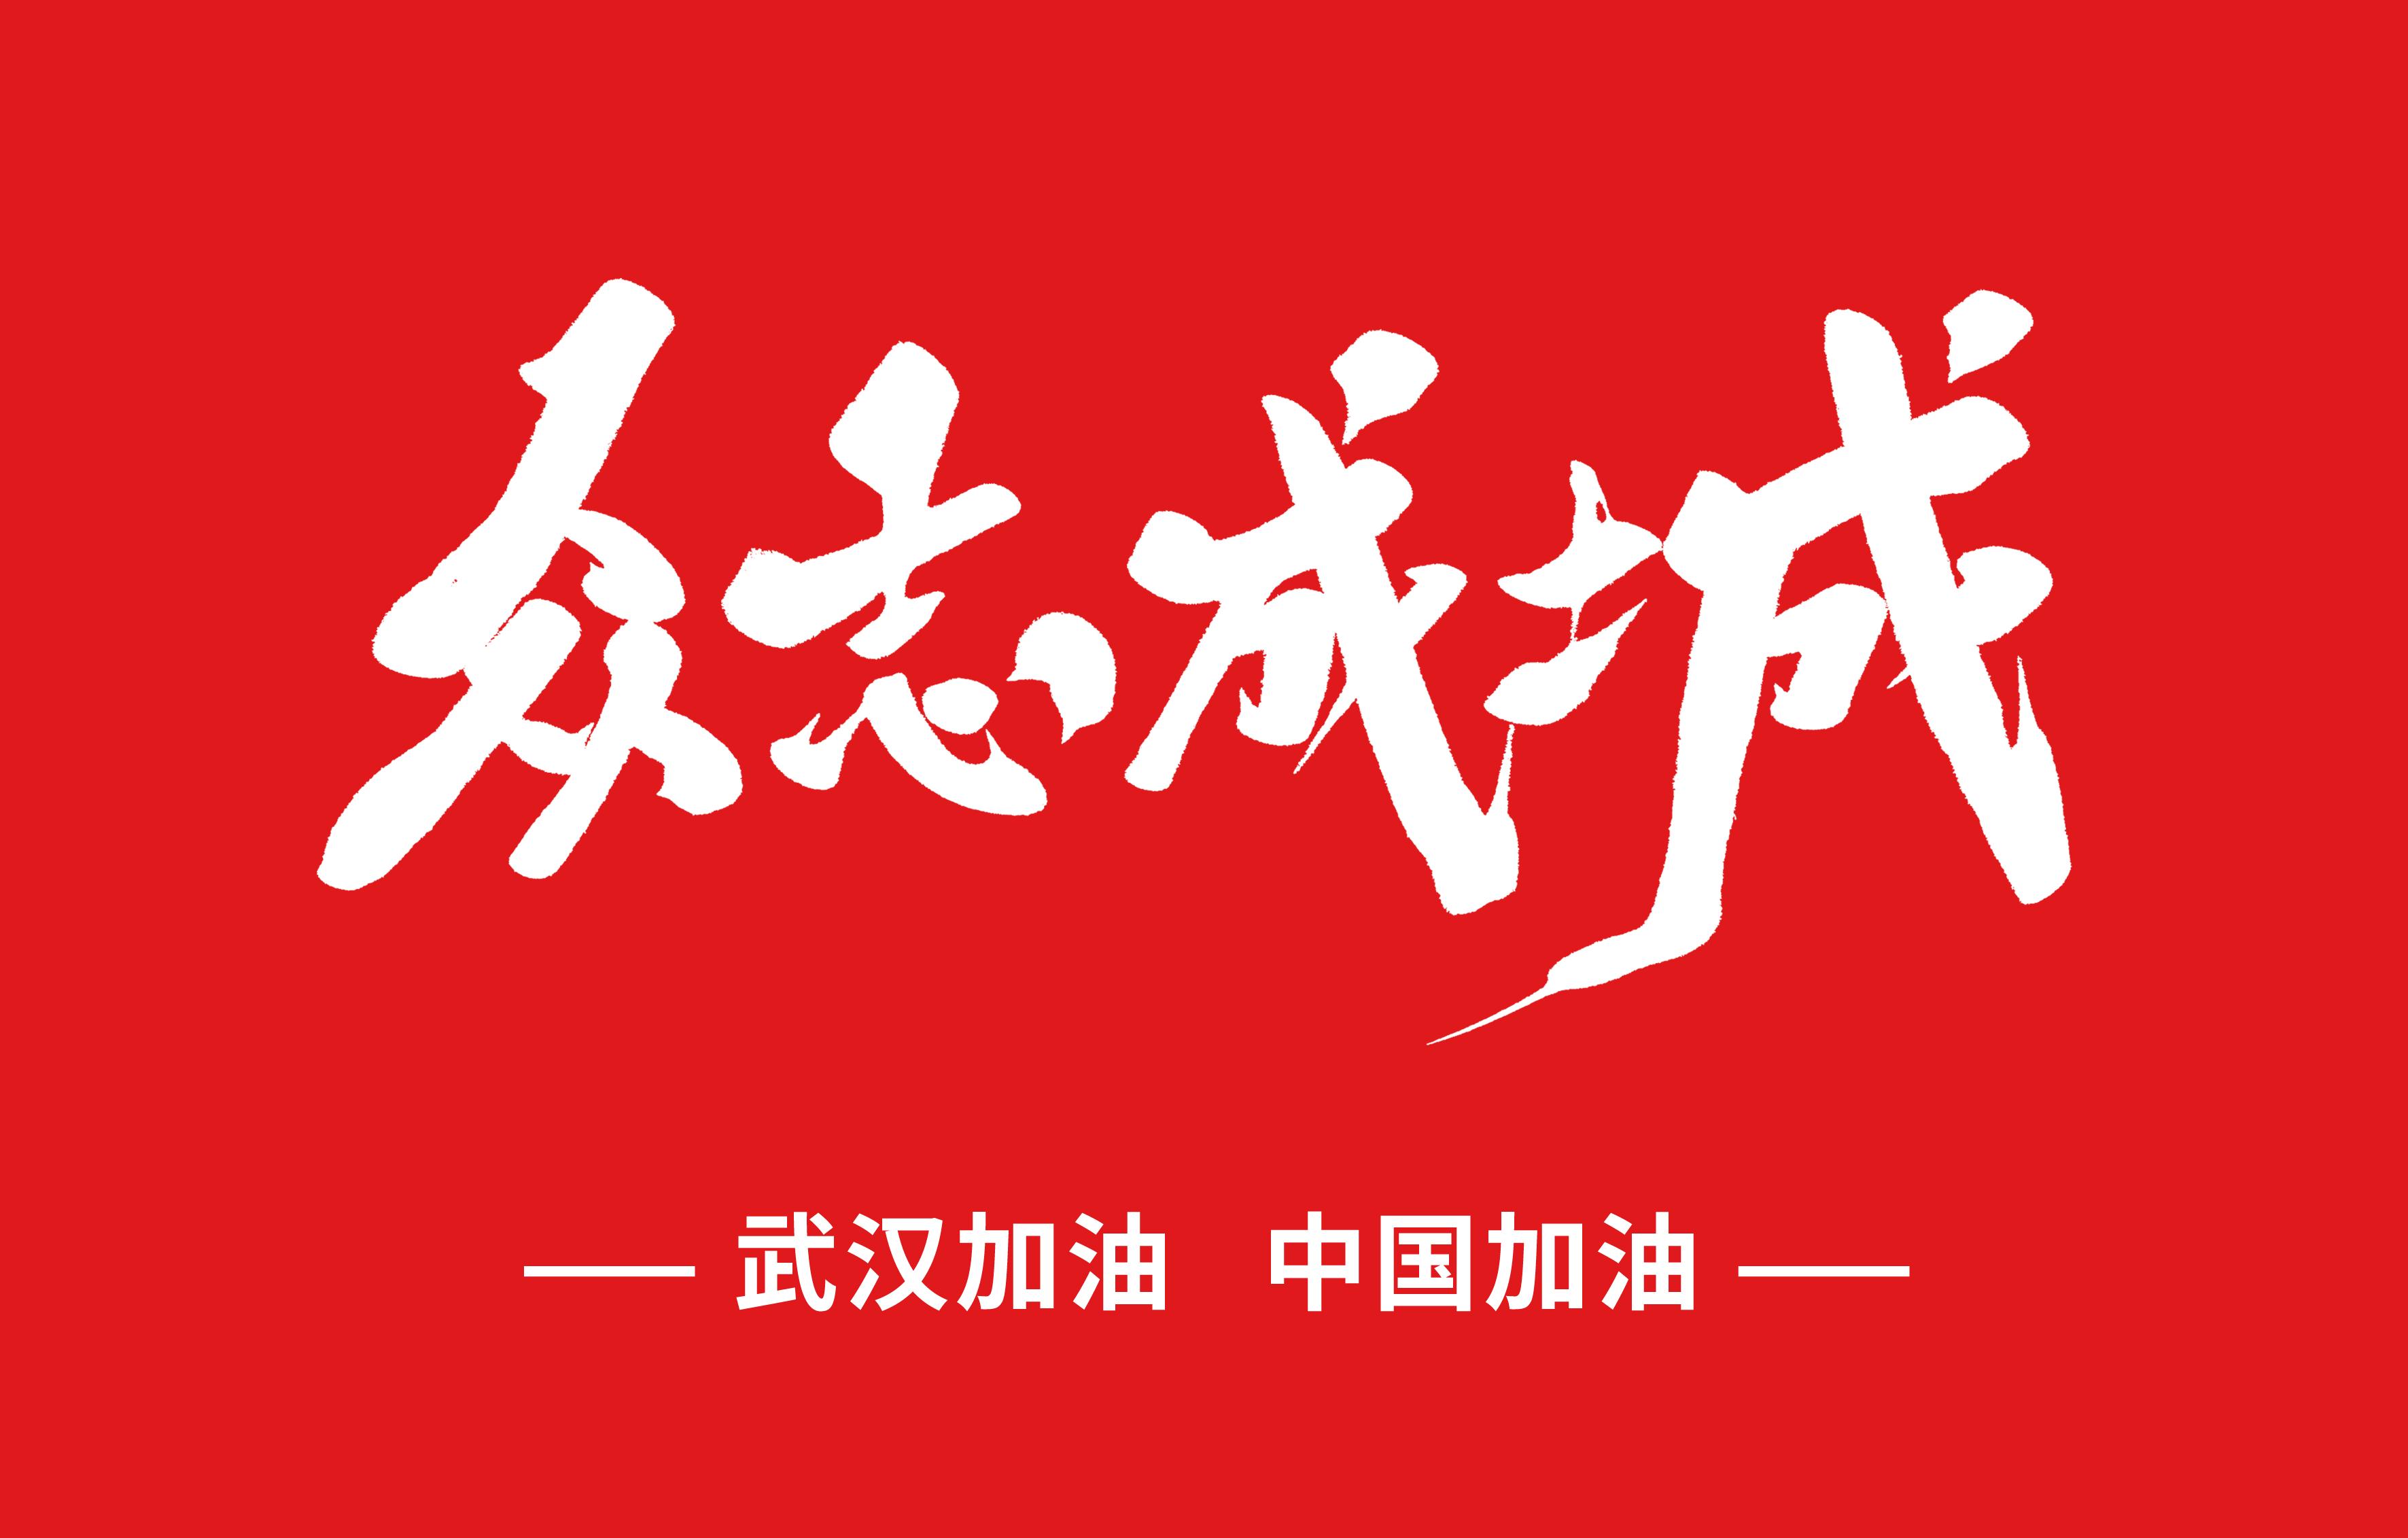 劉載望董事長致全體江河人的一封信